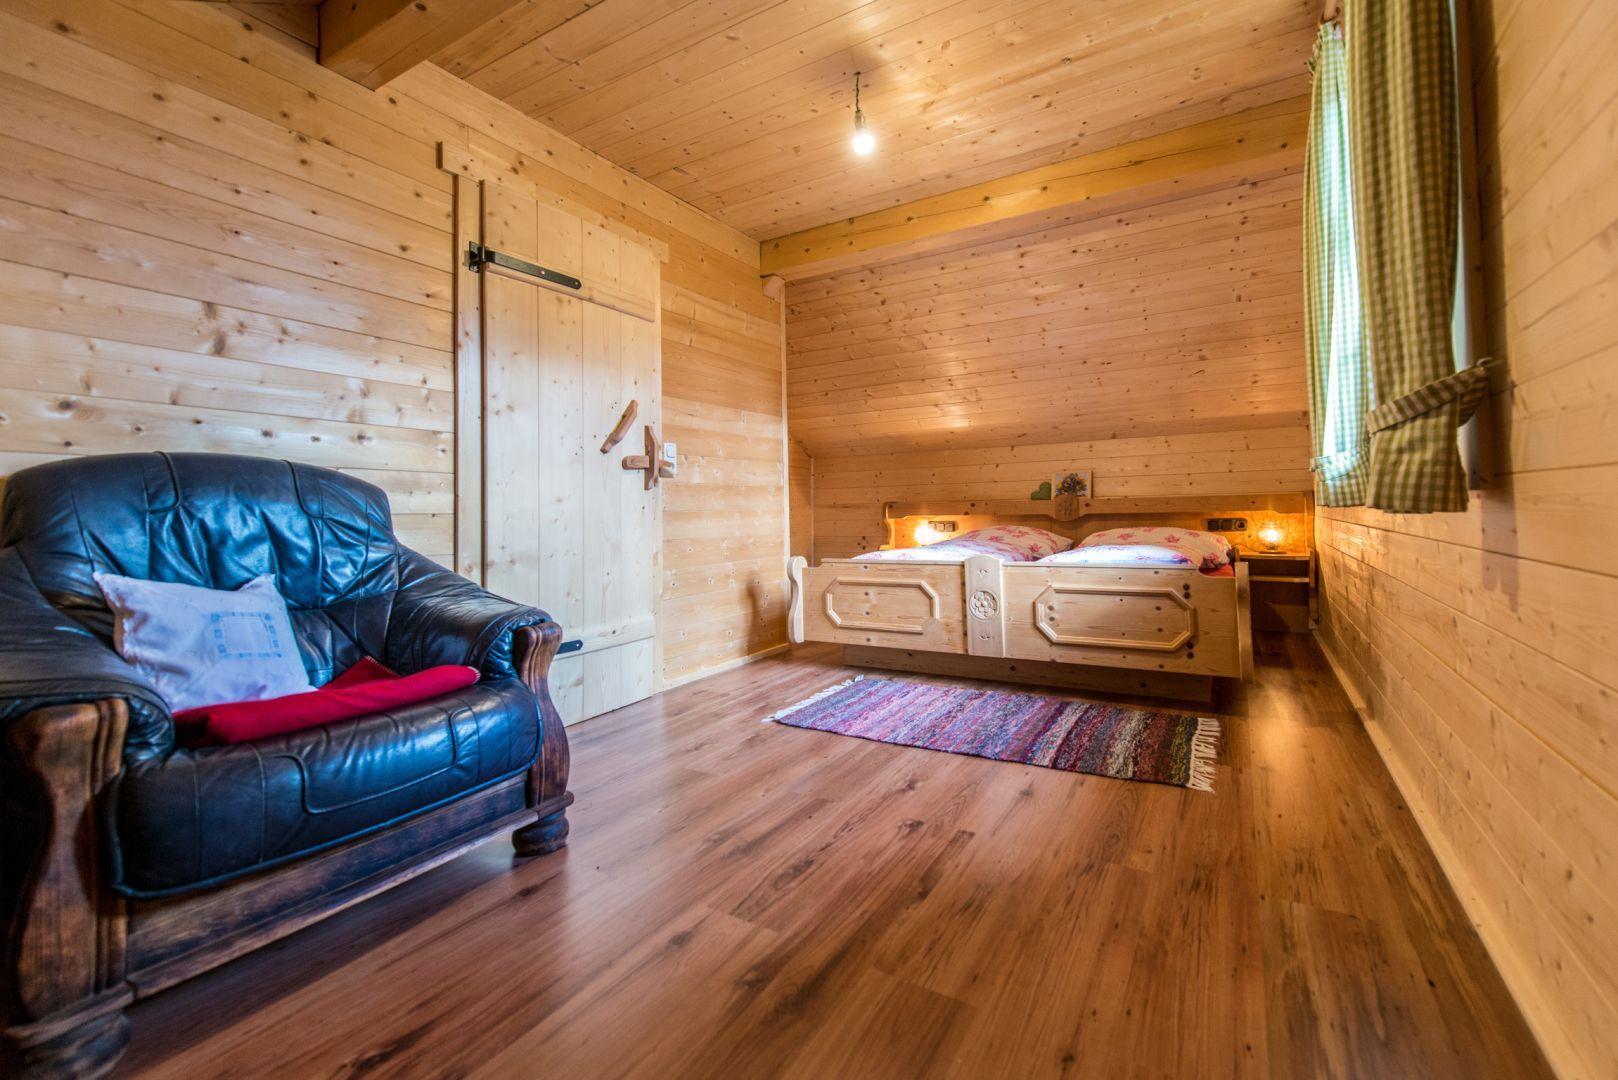 Schlafzimmer aus Holz Haus deko, Berg, Schlafzimmer